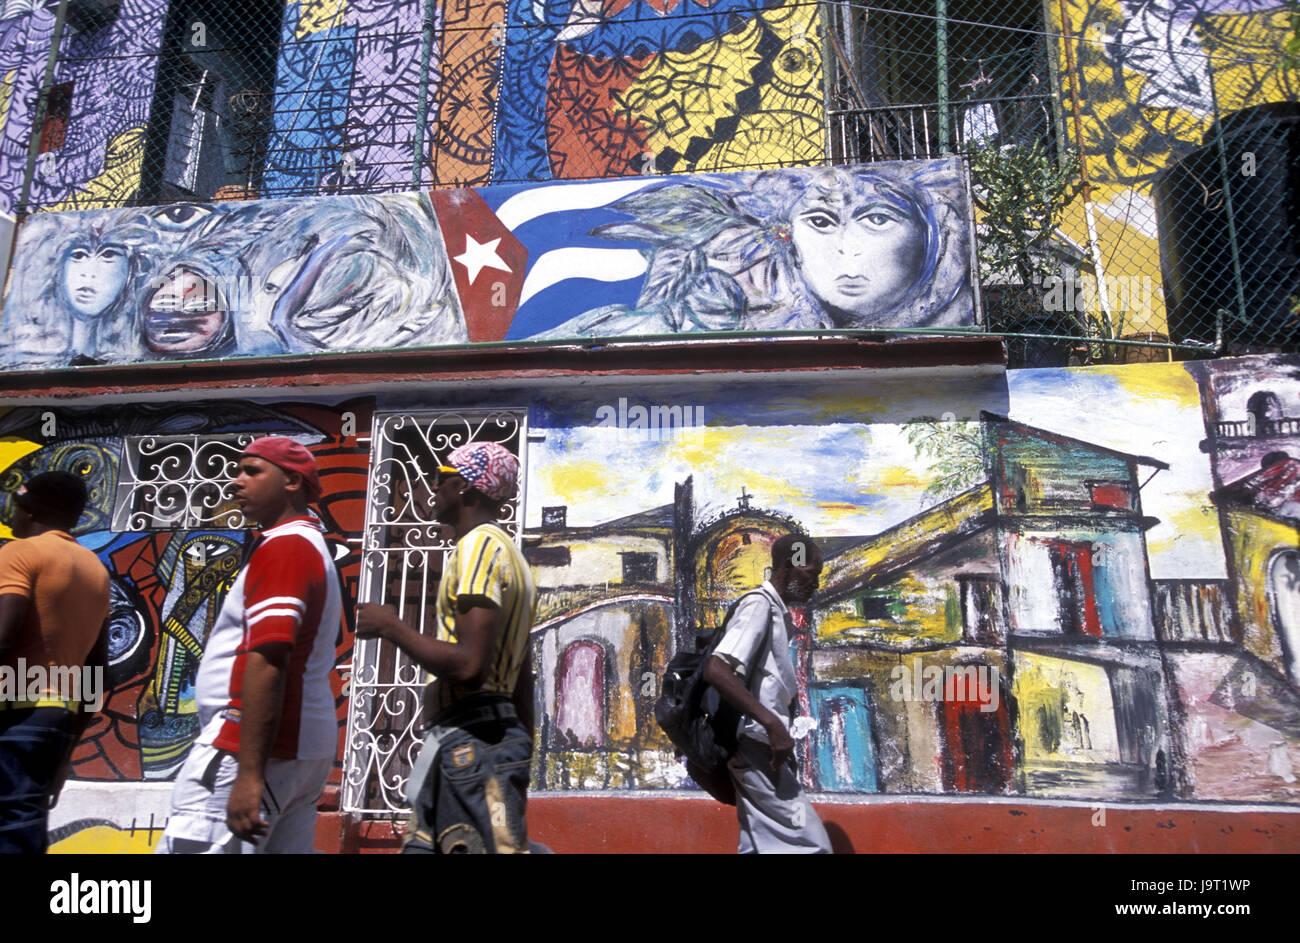 Cuba La Havane,,Center,Callejon de moutons,façades,Peinture,les passants, pas de modèle libération, Photo Stock